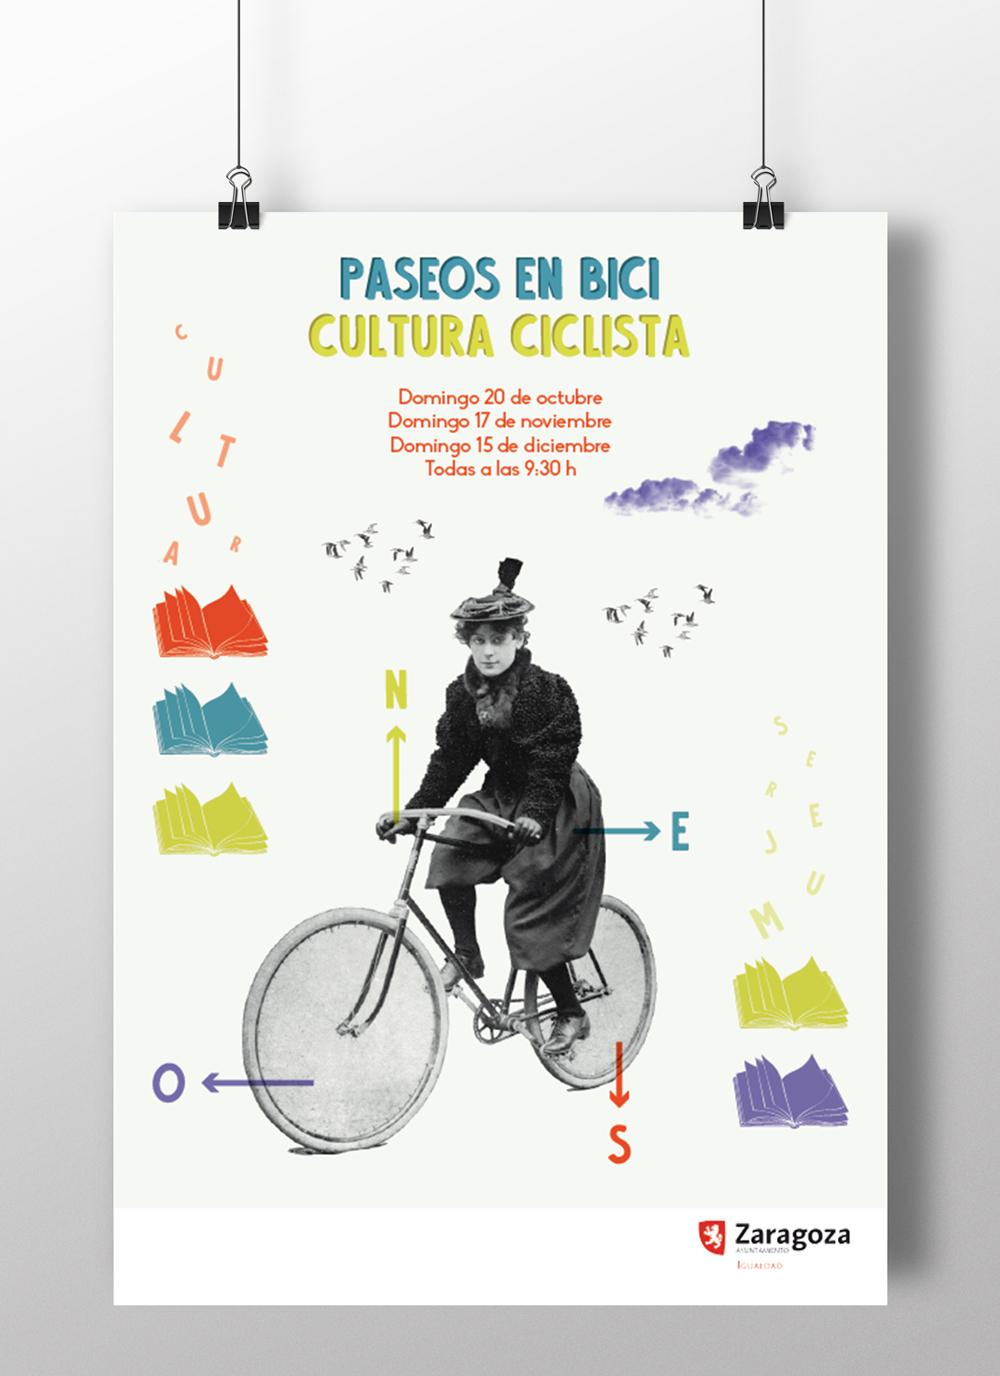 Paseos en bici de La Casa de La Mujer | Diseño gráfico